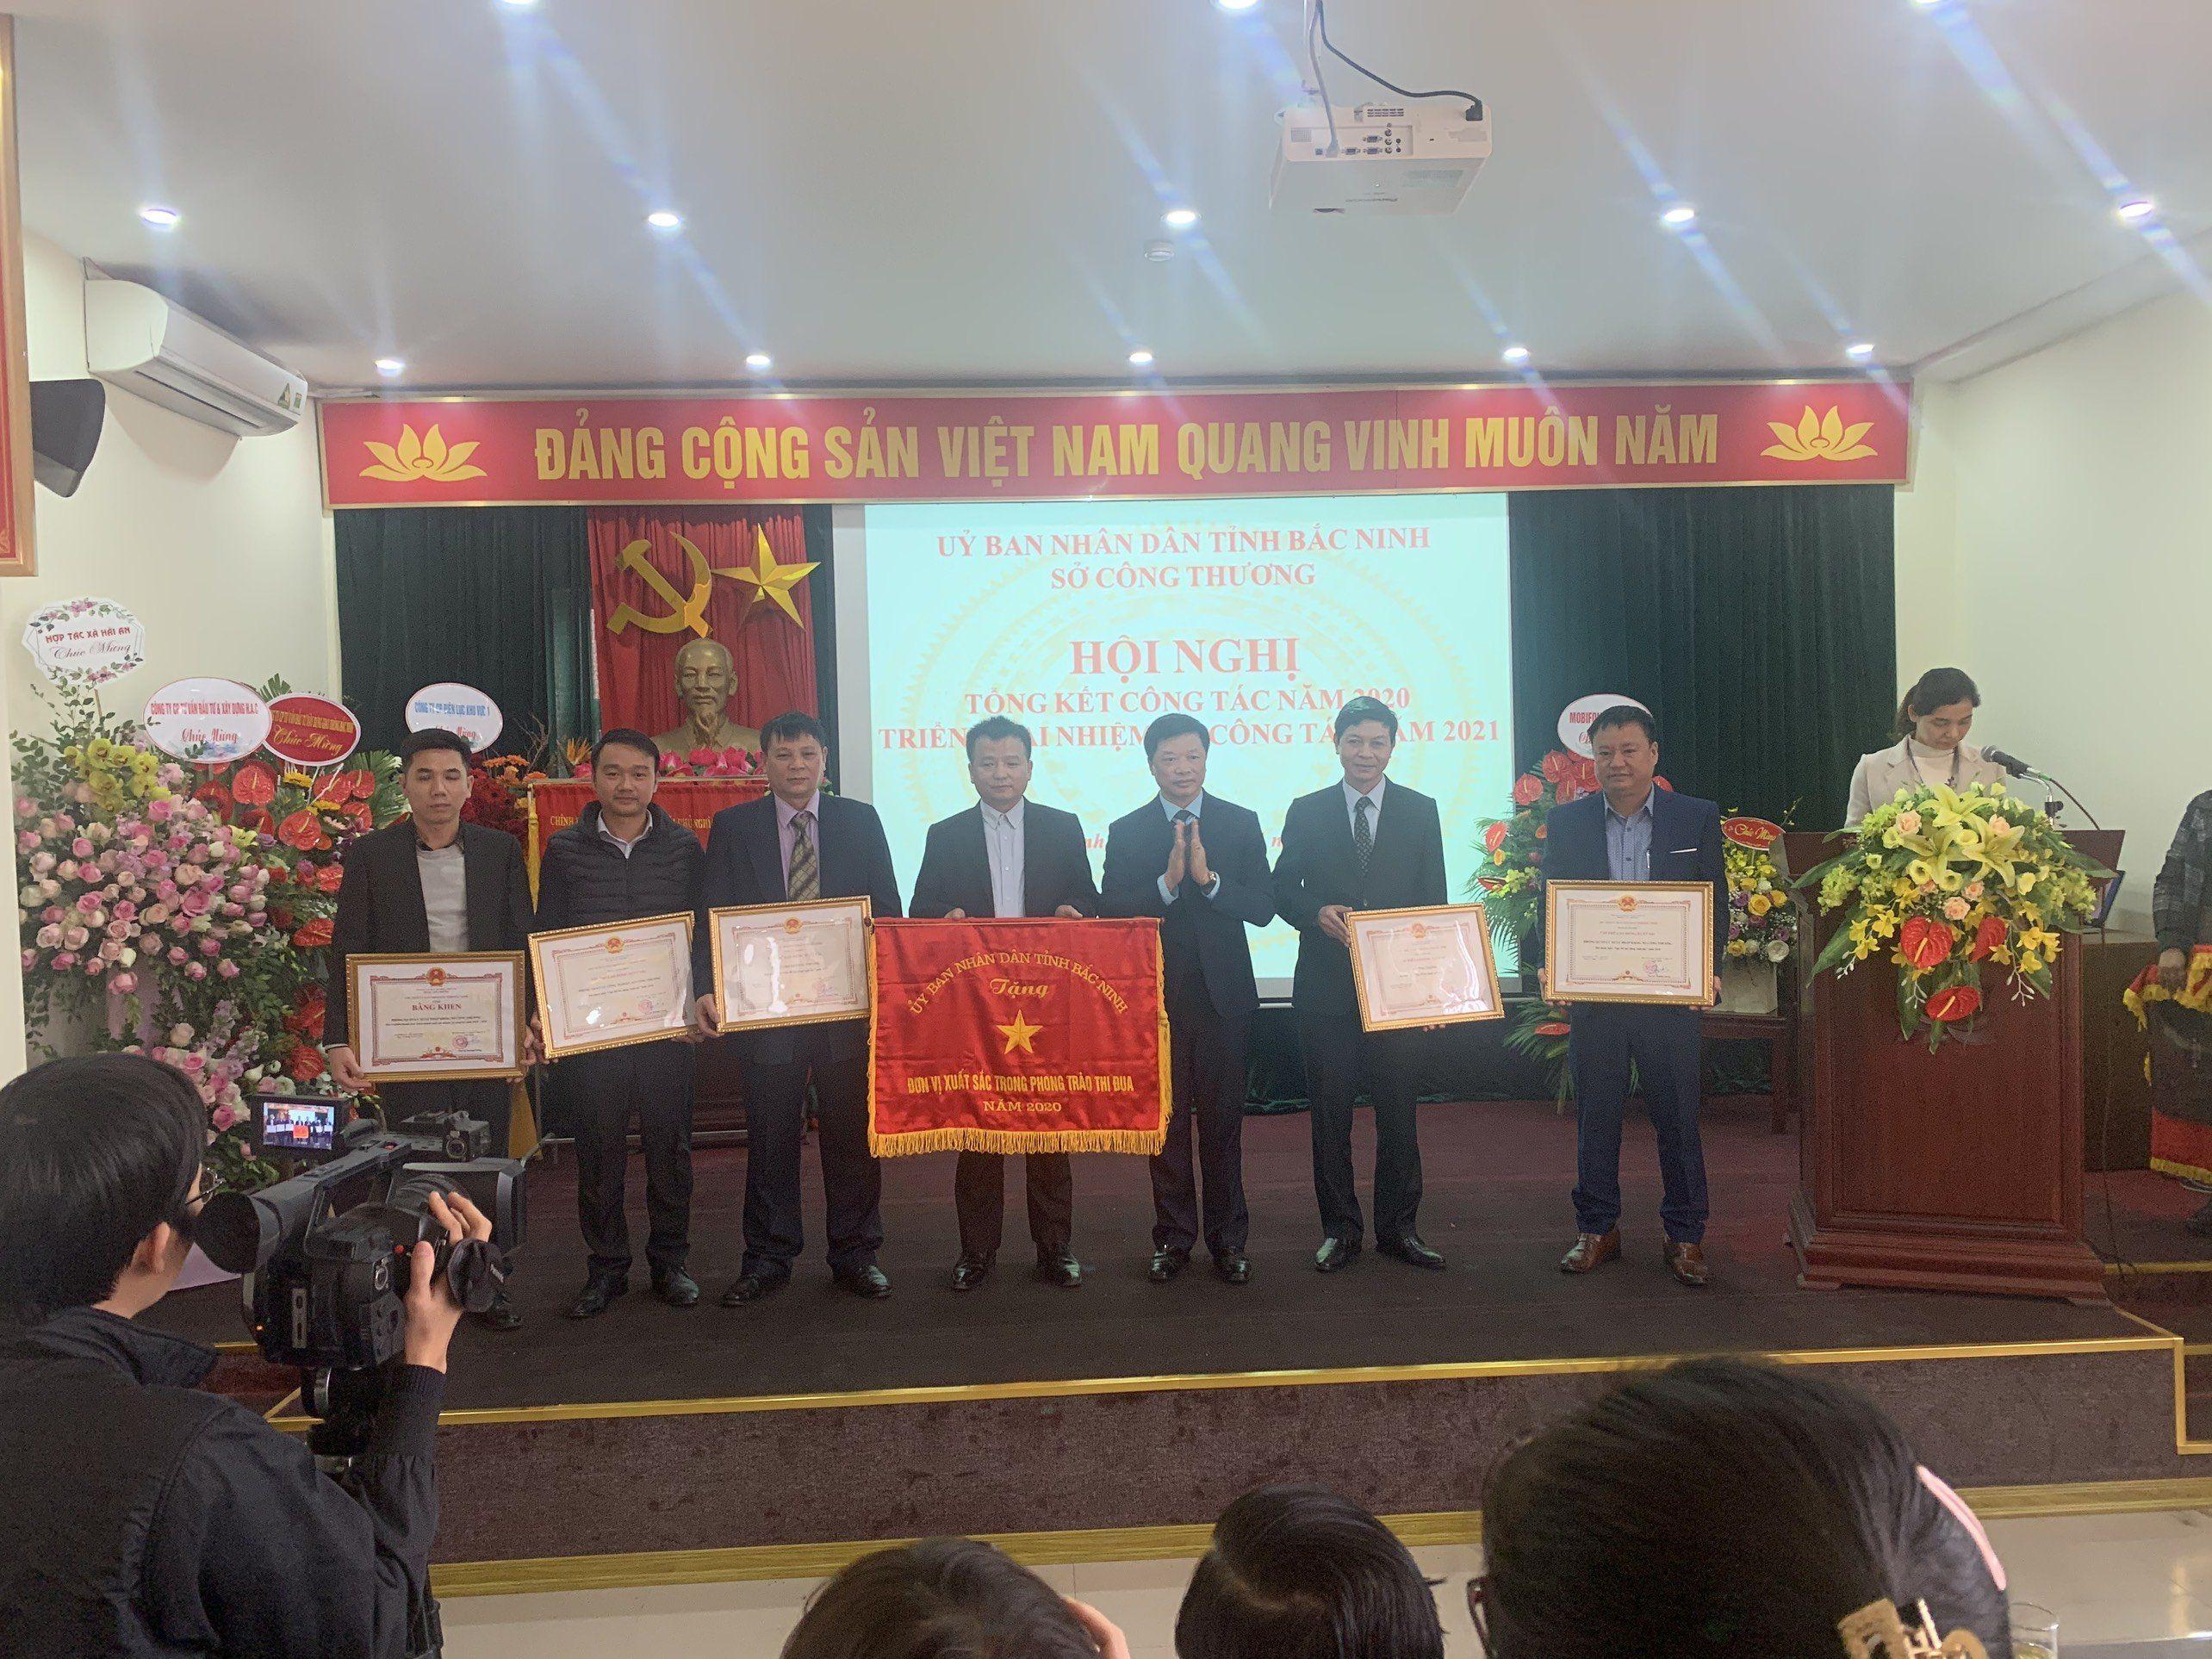 Đồng chí Đào Quang Khải - Phó Chủ tịch UBND tỉnh trao Cờ thi đua của UBND tỉnh Bắc Ninh cho Sở Công Thương